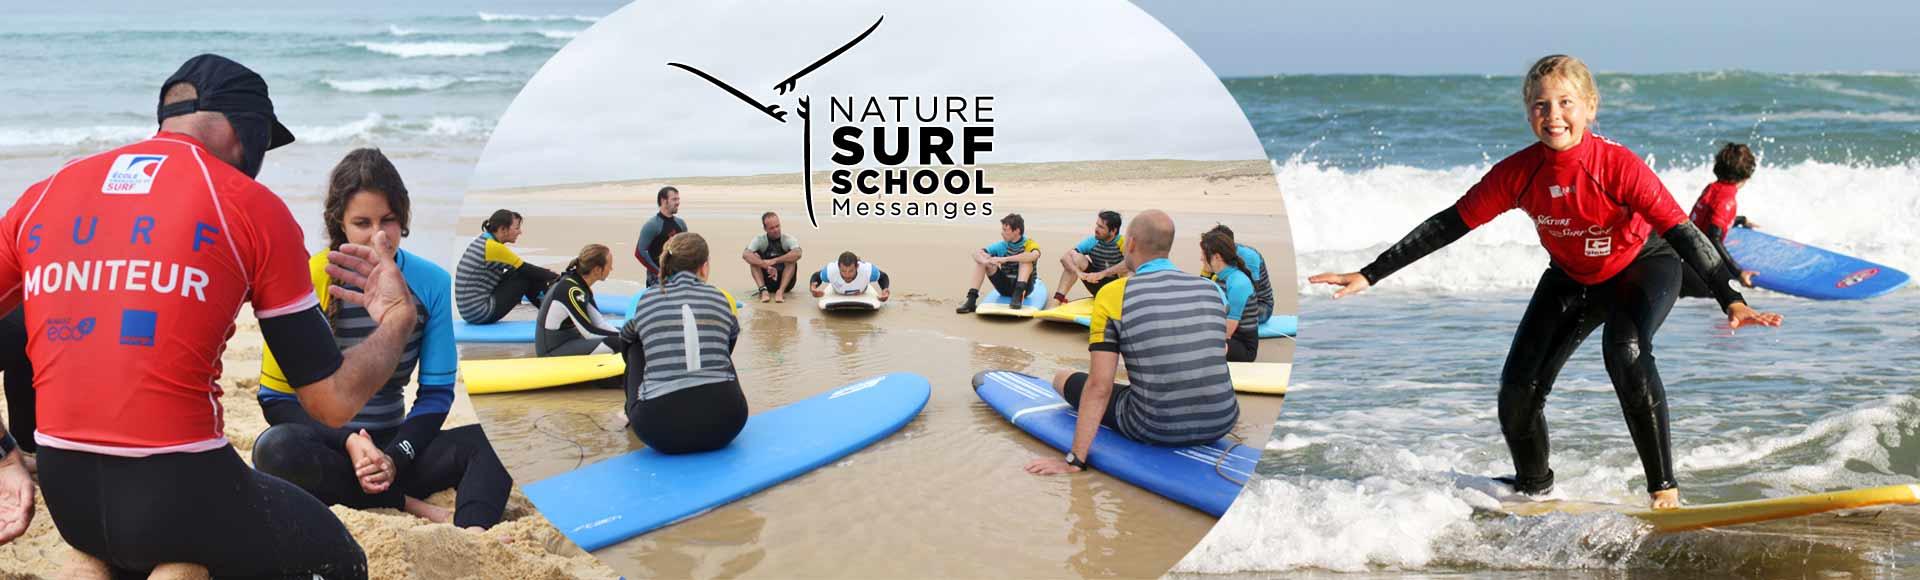 Cours de surf messanges centrale Nature surf School